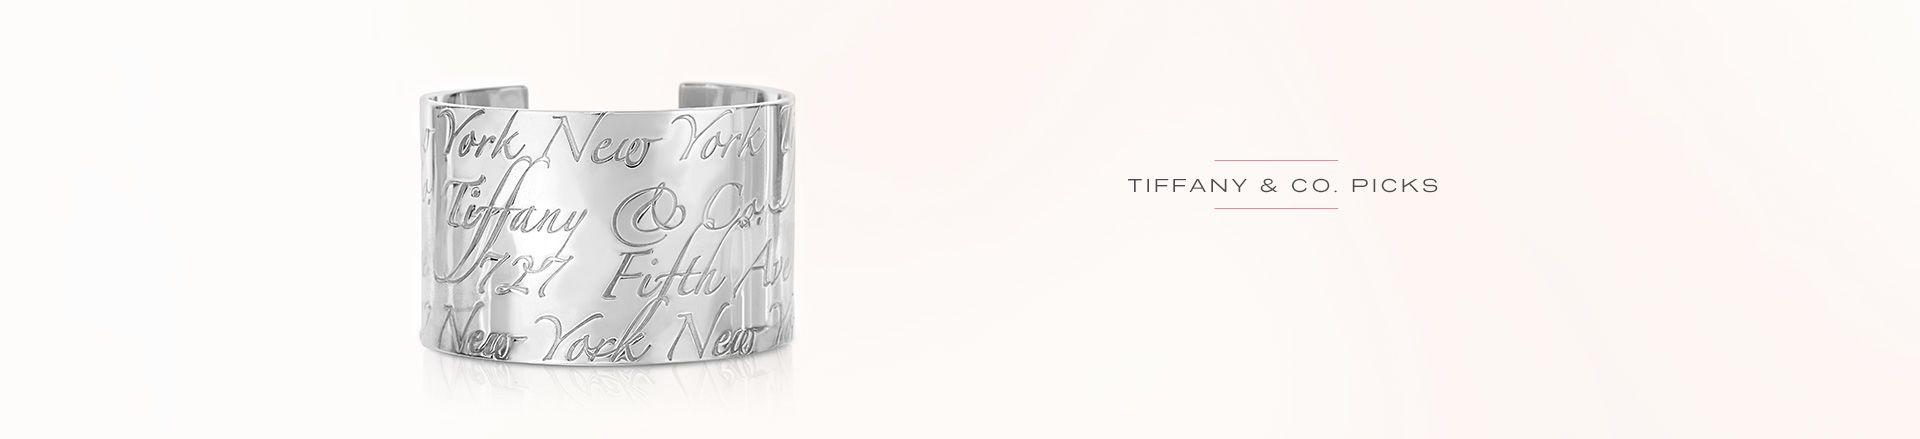 Tiffany & Co. Picks